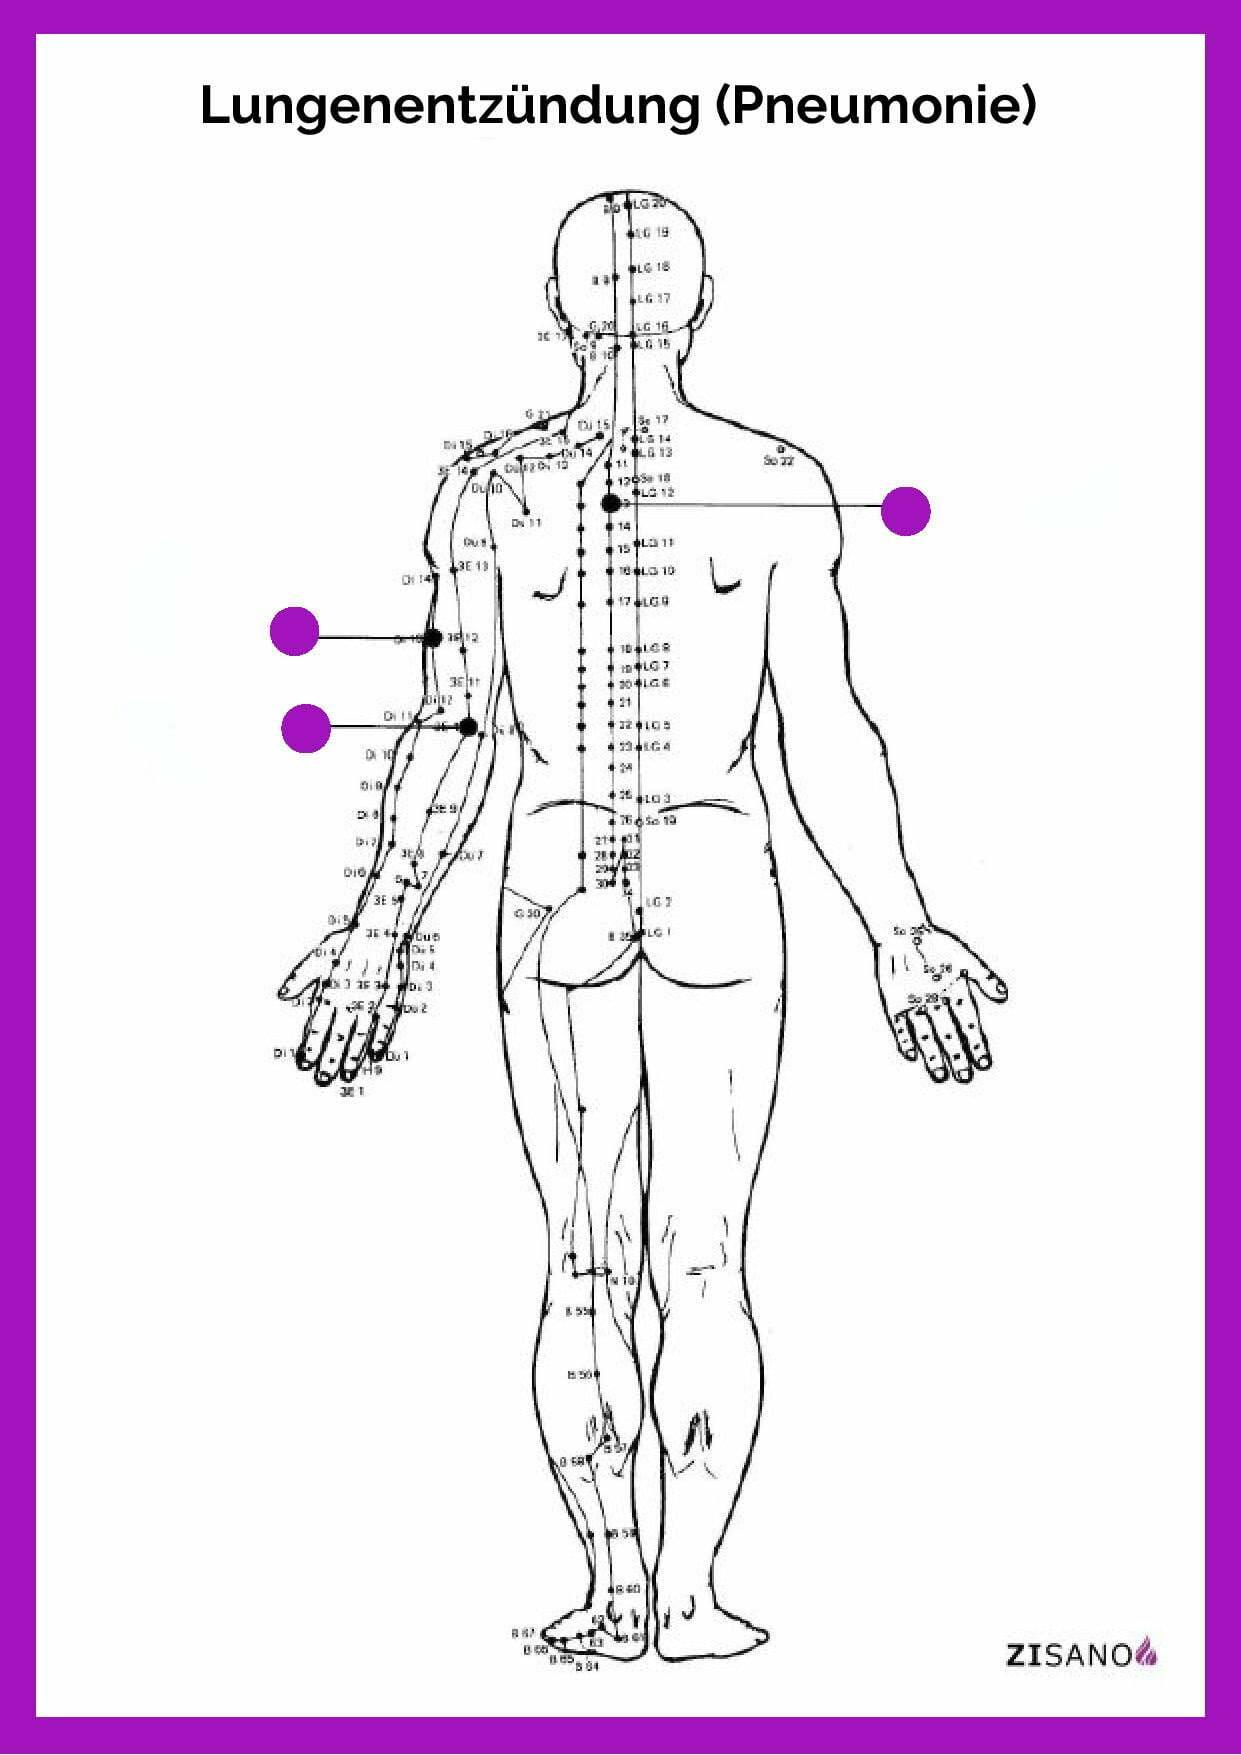 Meridiane - Lungenentzündung - Pneumonie - Beschwerden